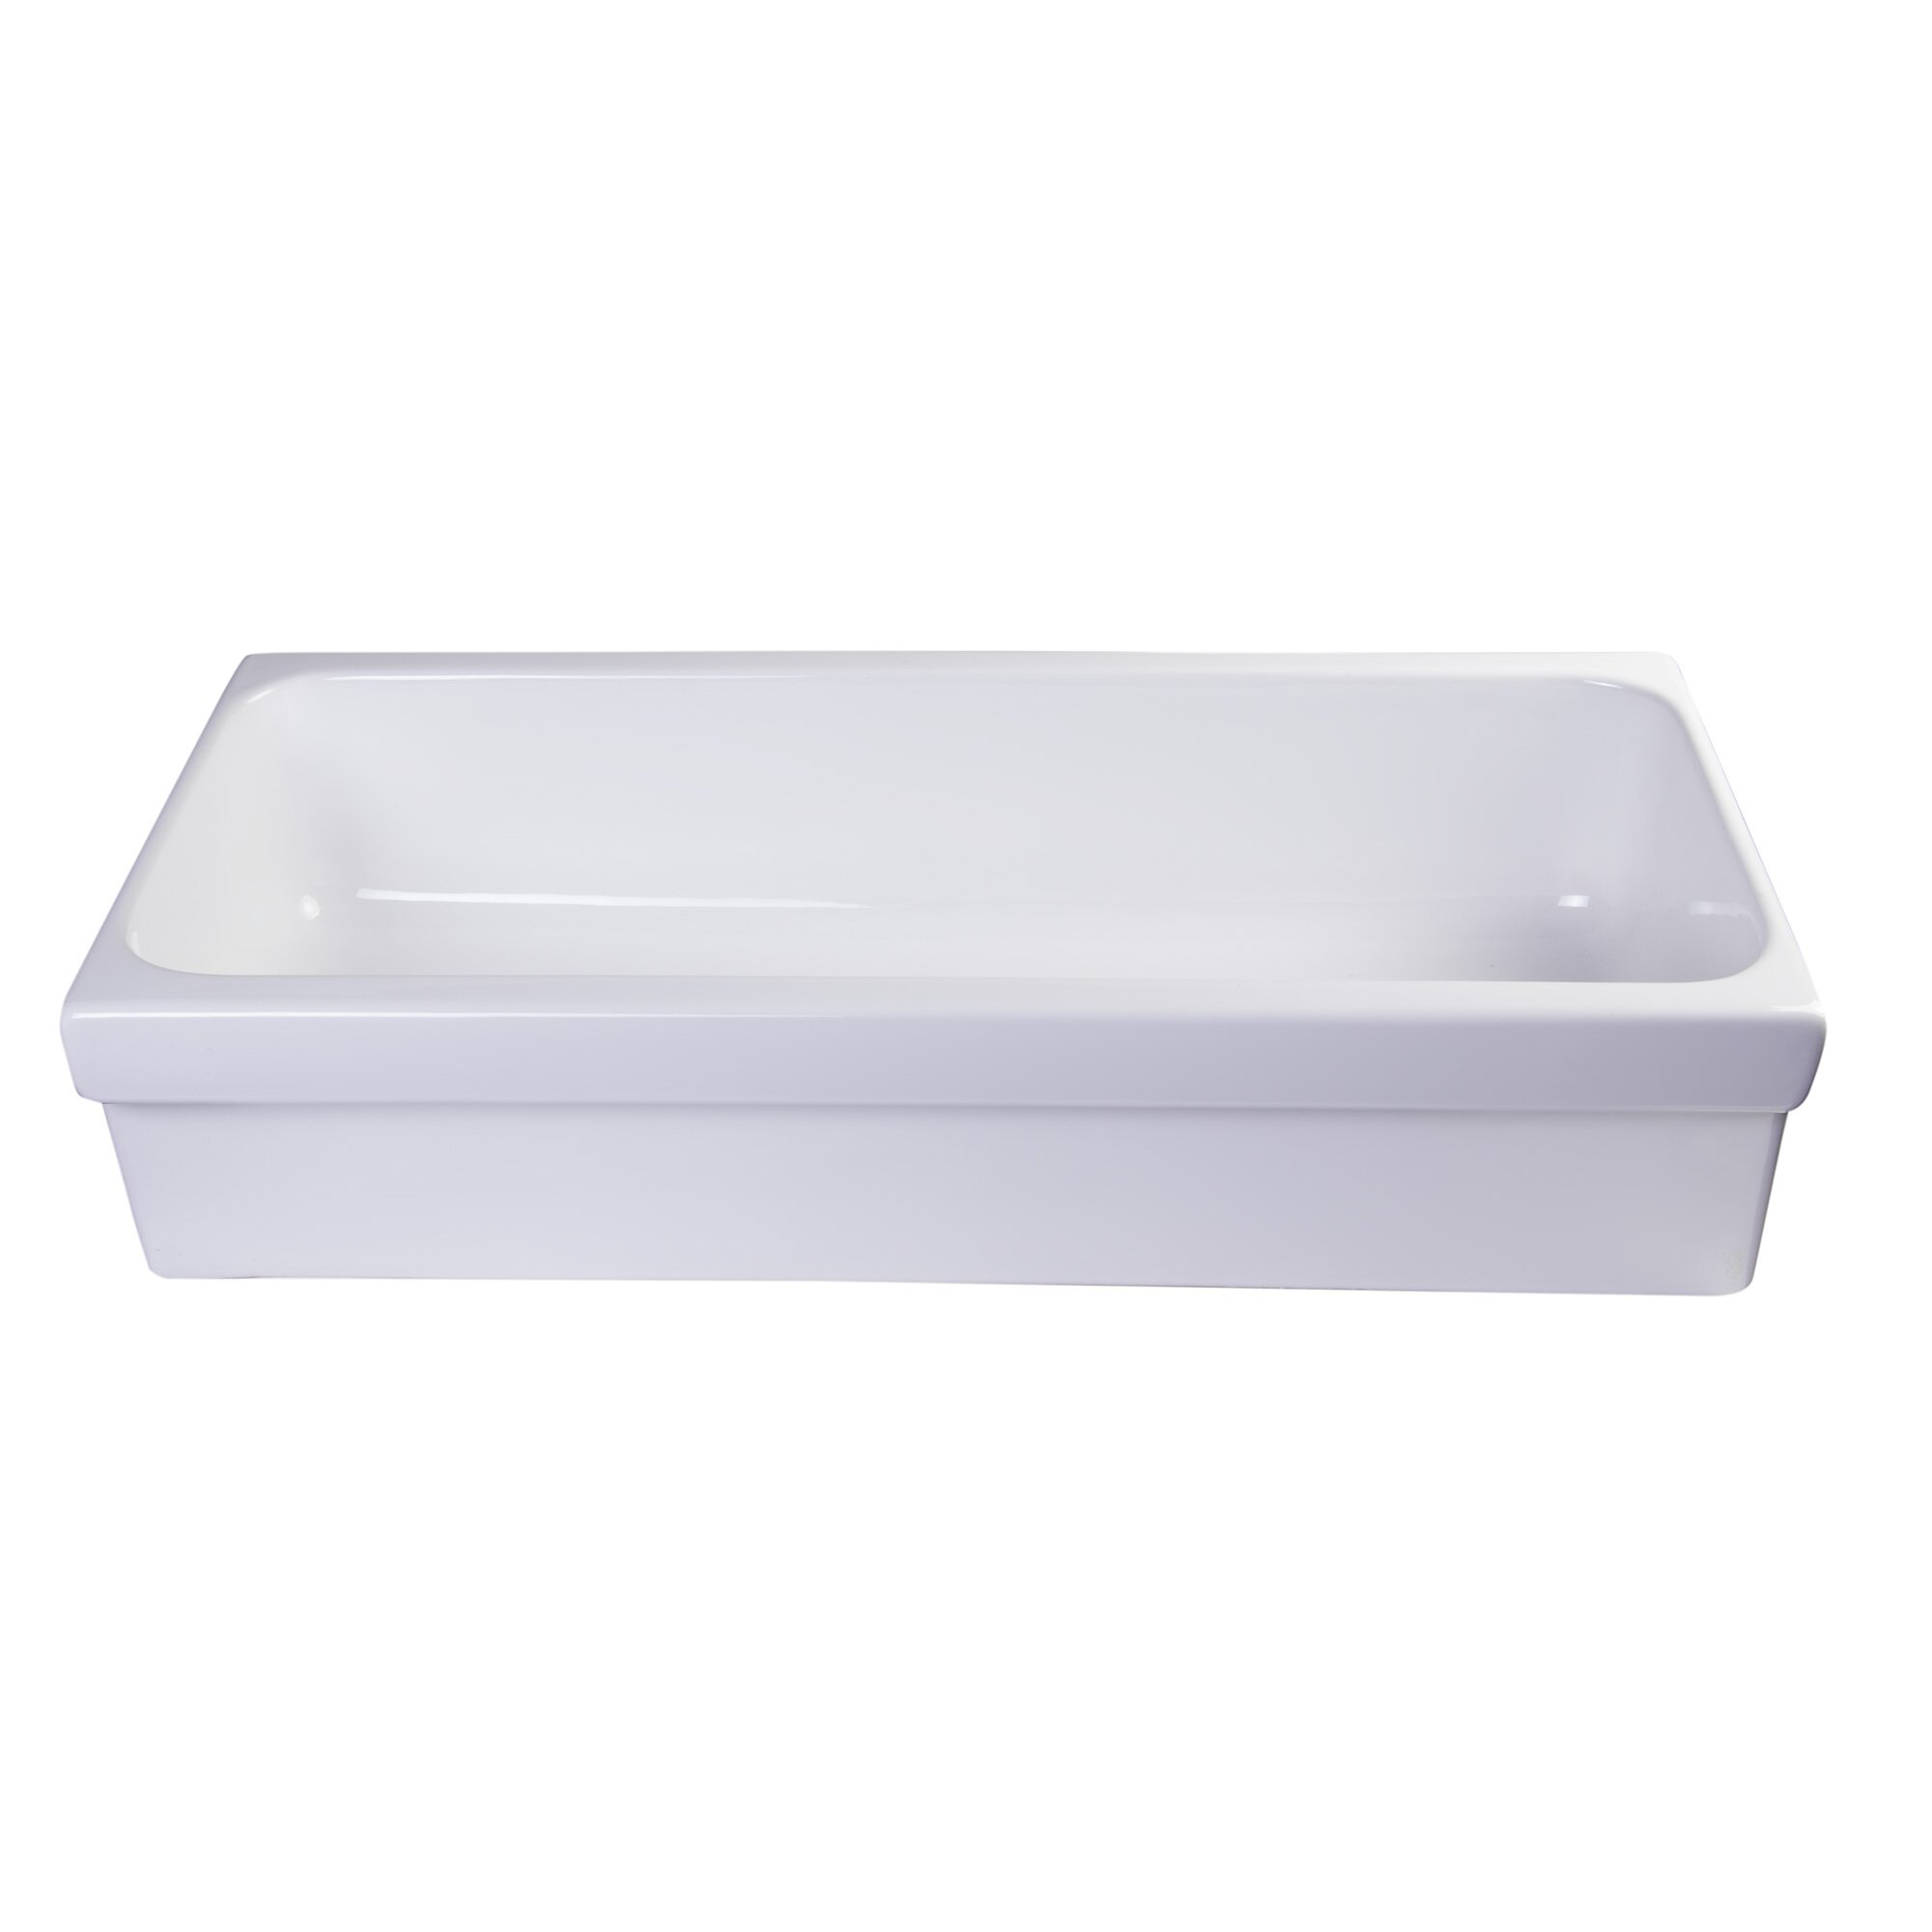 35 5 Above Mount Porcelain Bath Trough Sink Wayfair